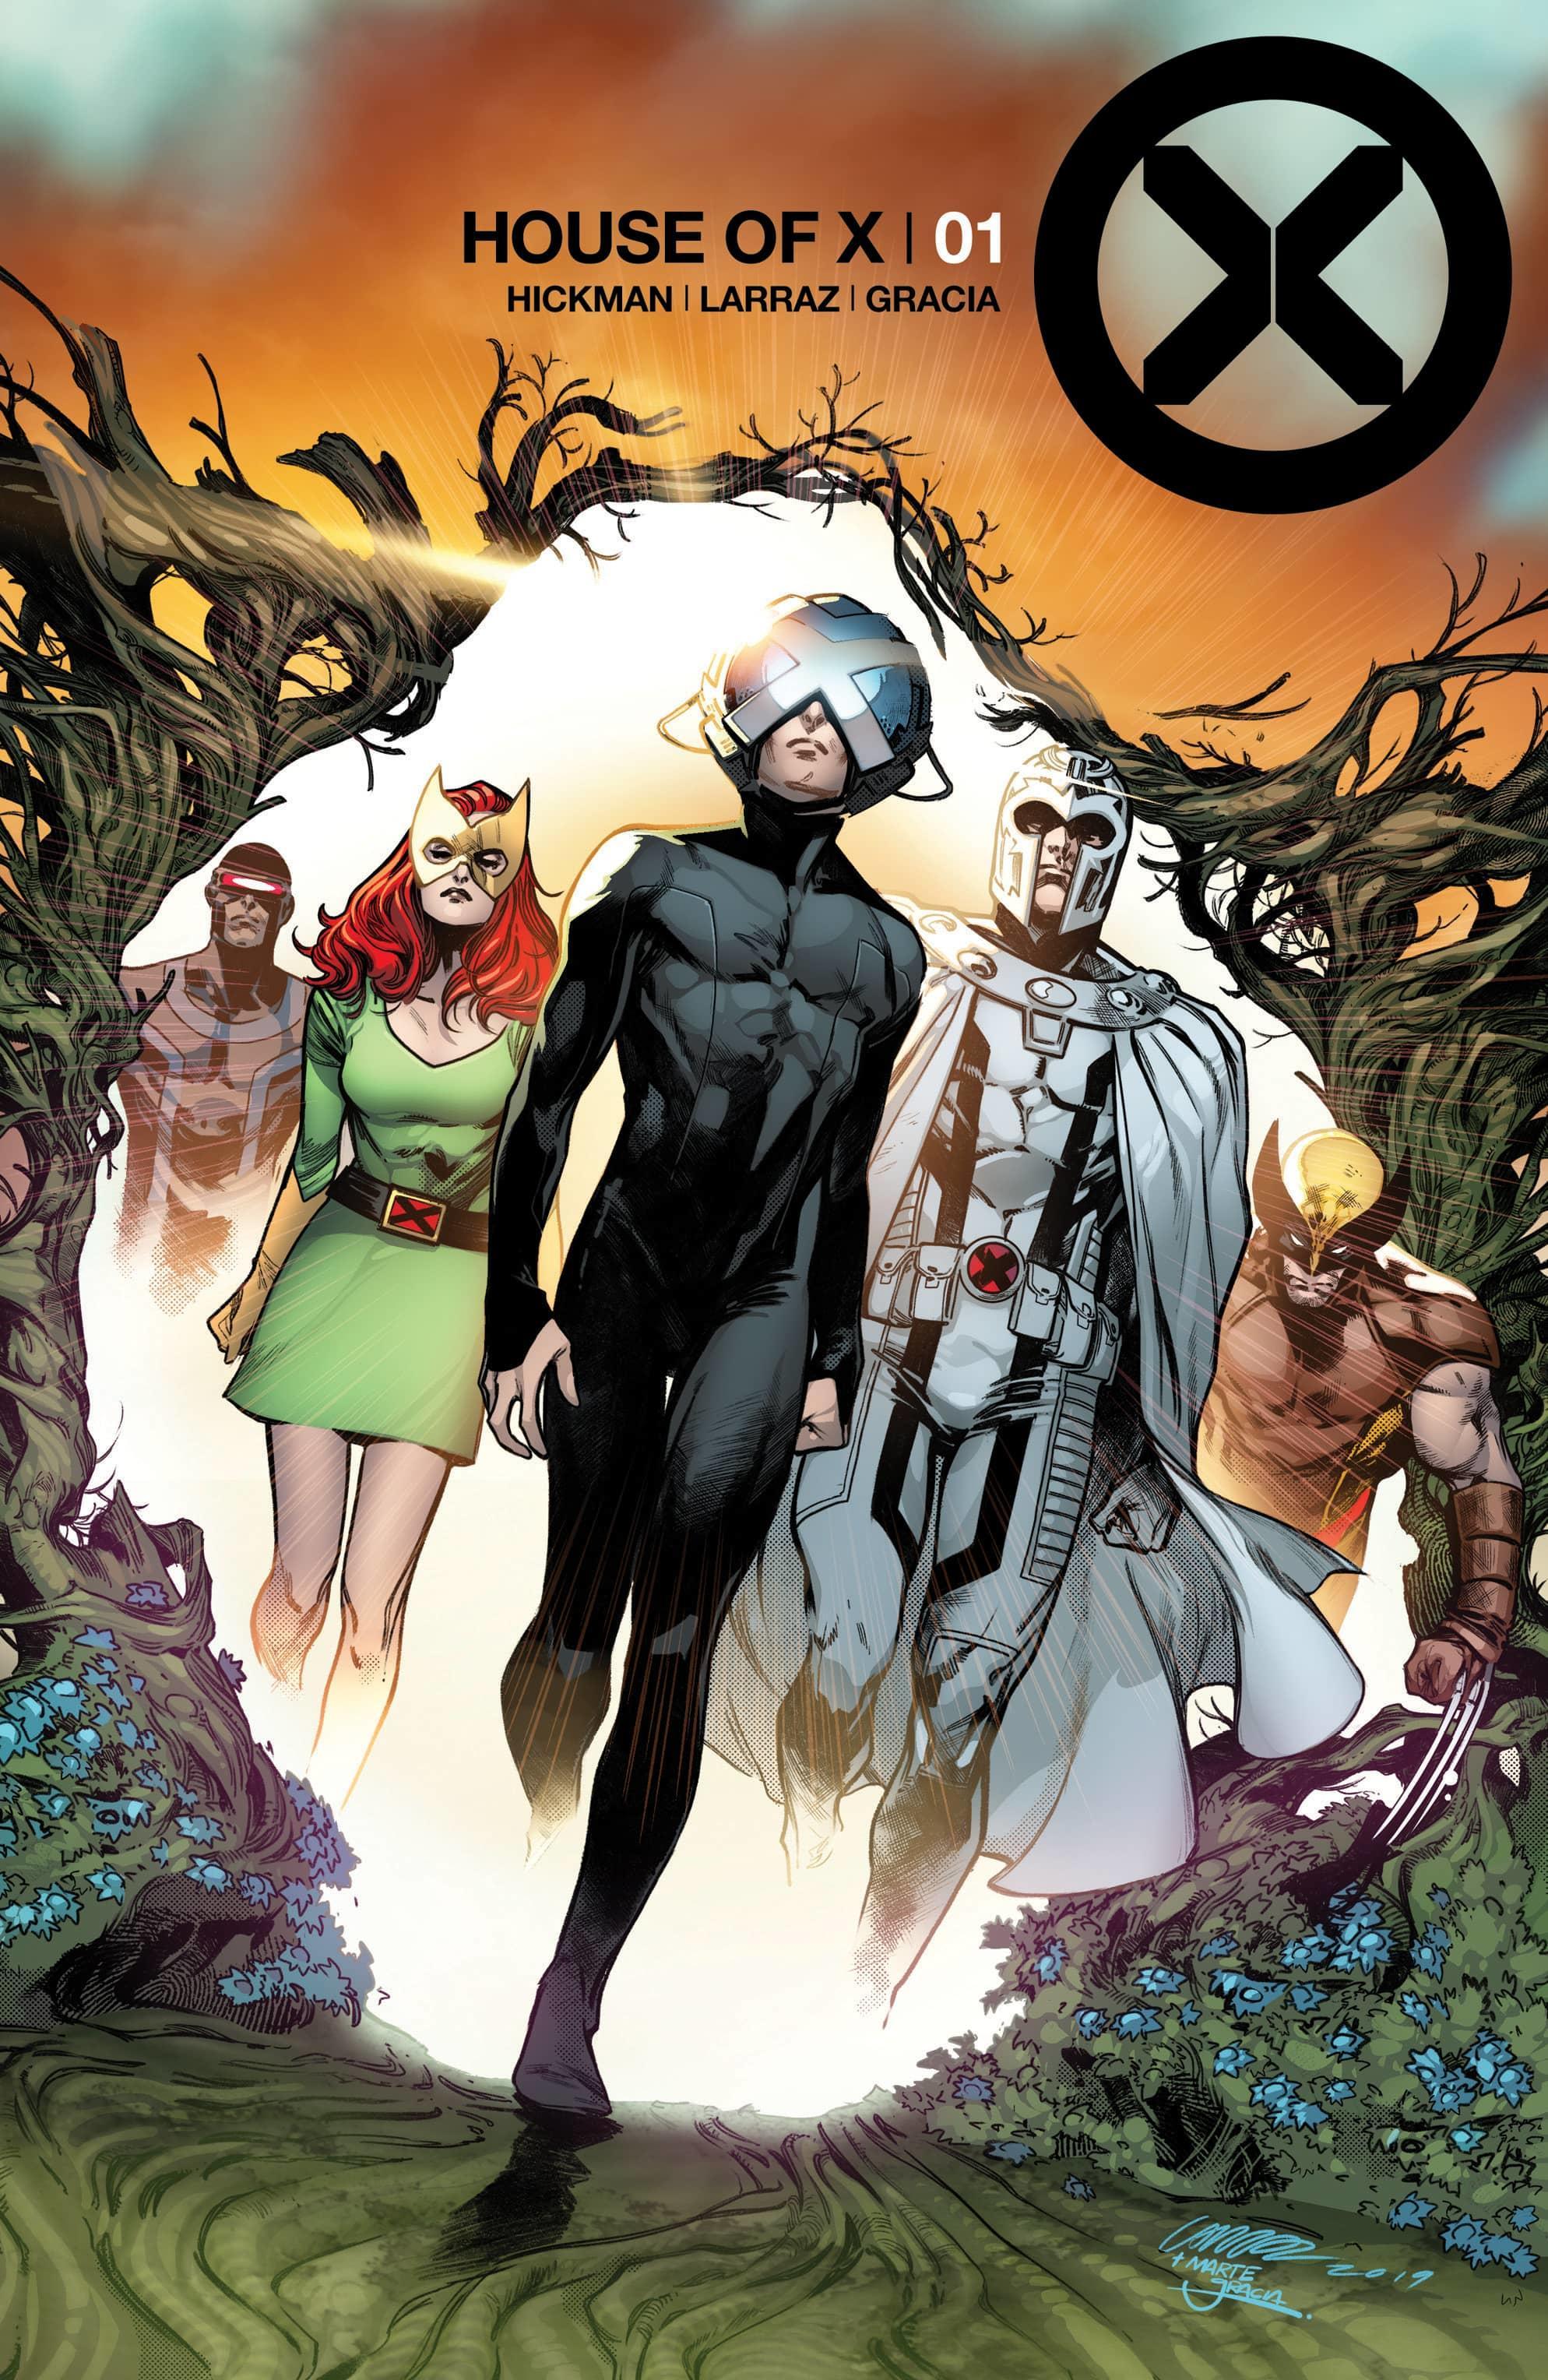 Portadas de cómics - Página 2 House-of-X-1